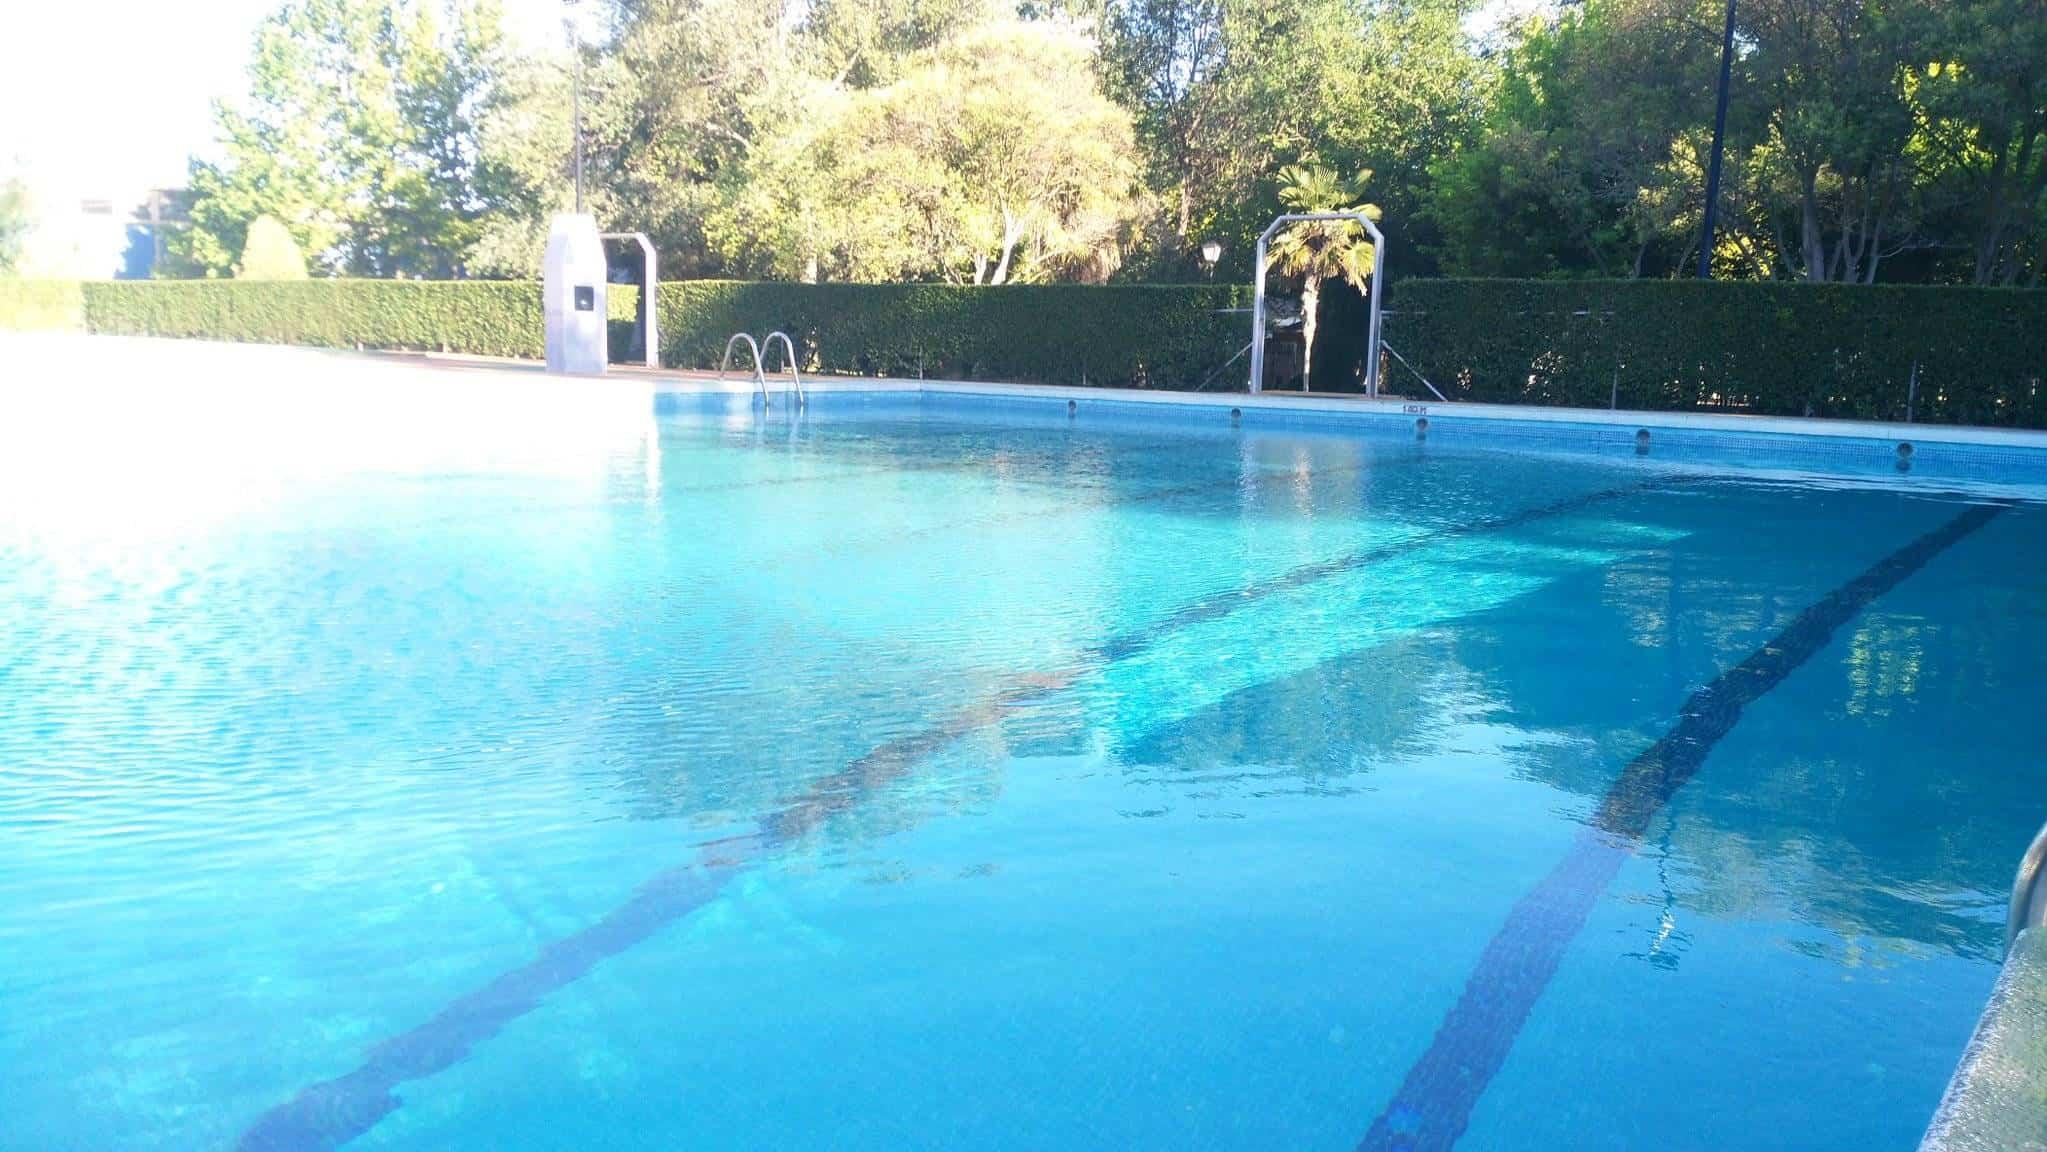 La piscina municipal est lista para su apertura el 15 de junio - Piscina municipal santander ...